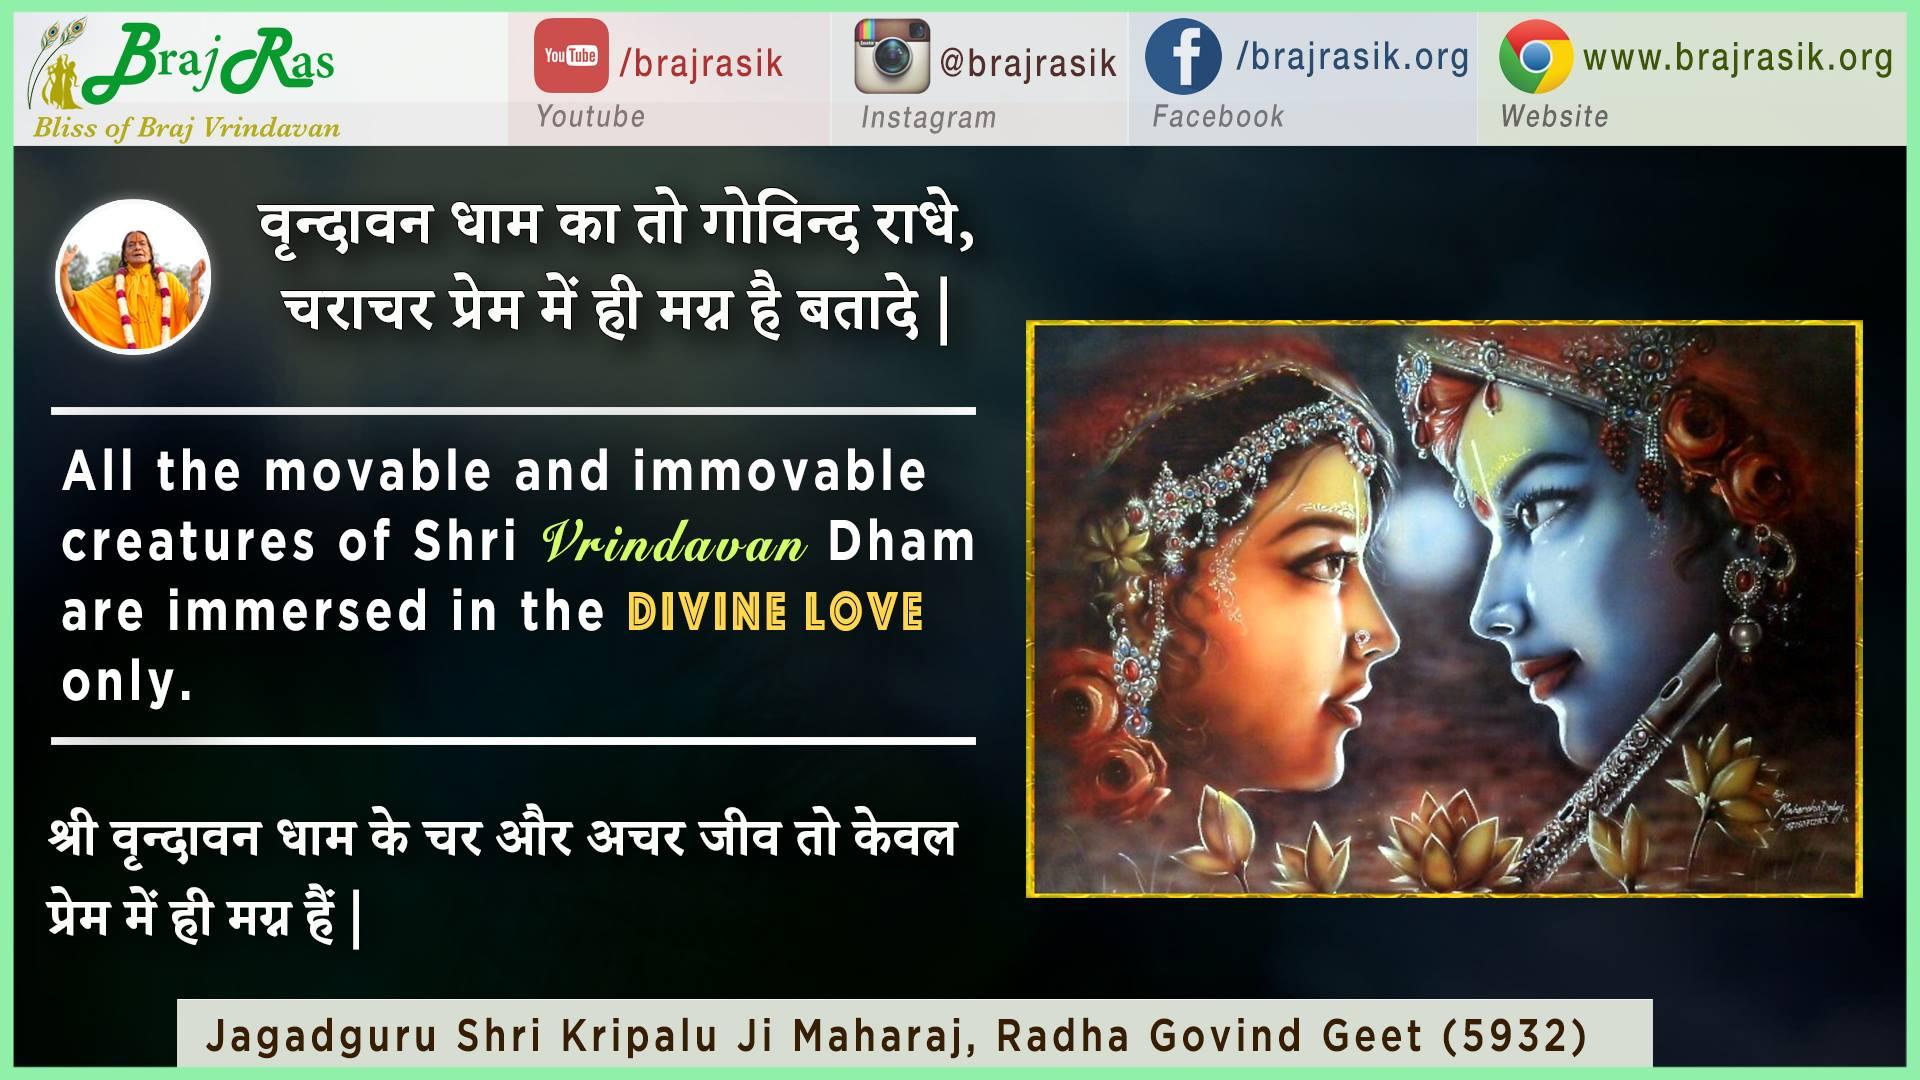 Vrindavan Dham Ka To Govind Radhe - Jagadguru Shri Kripaluji Maharaj, Radha Govind Geet (5932)